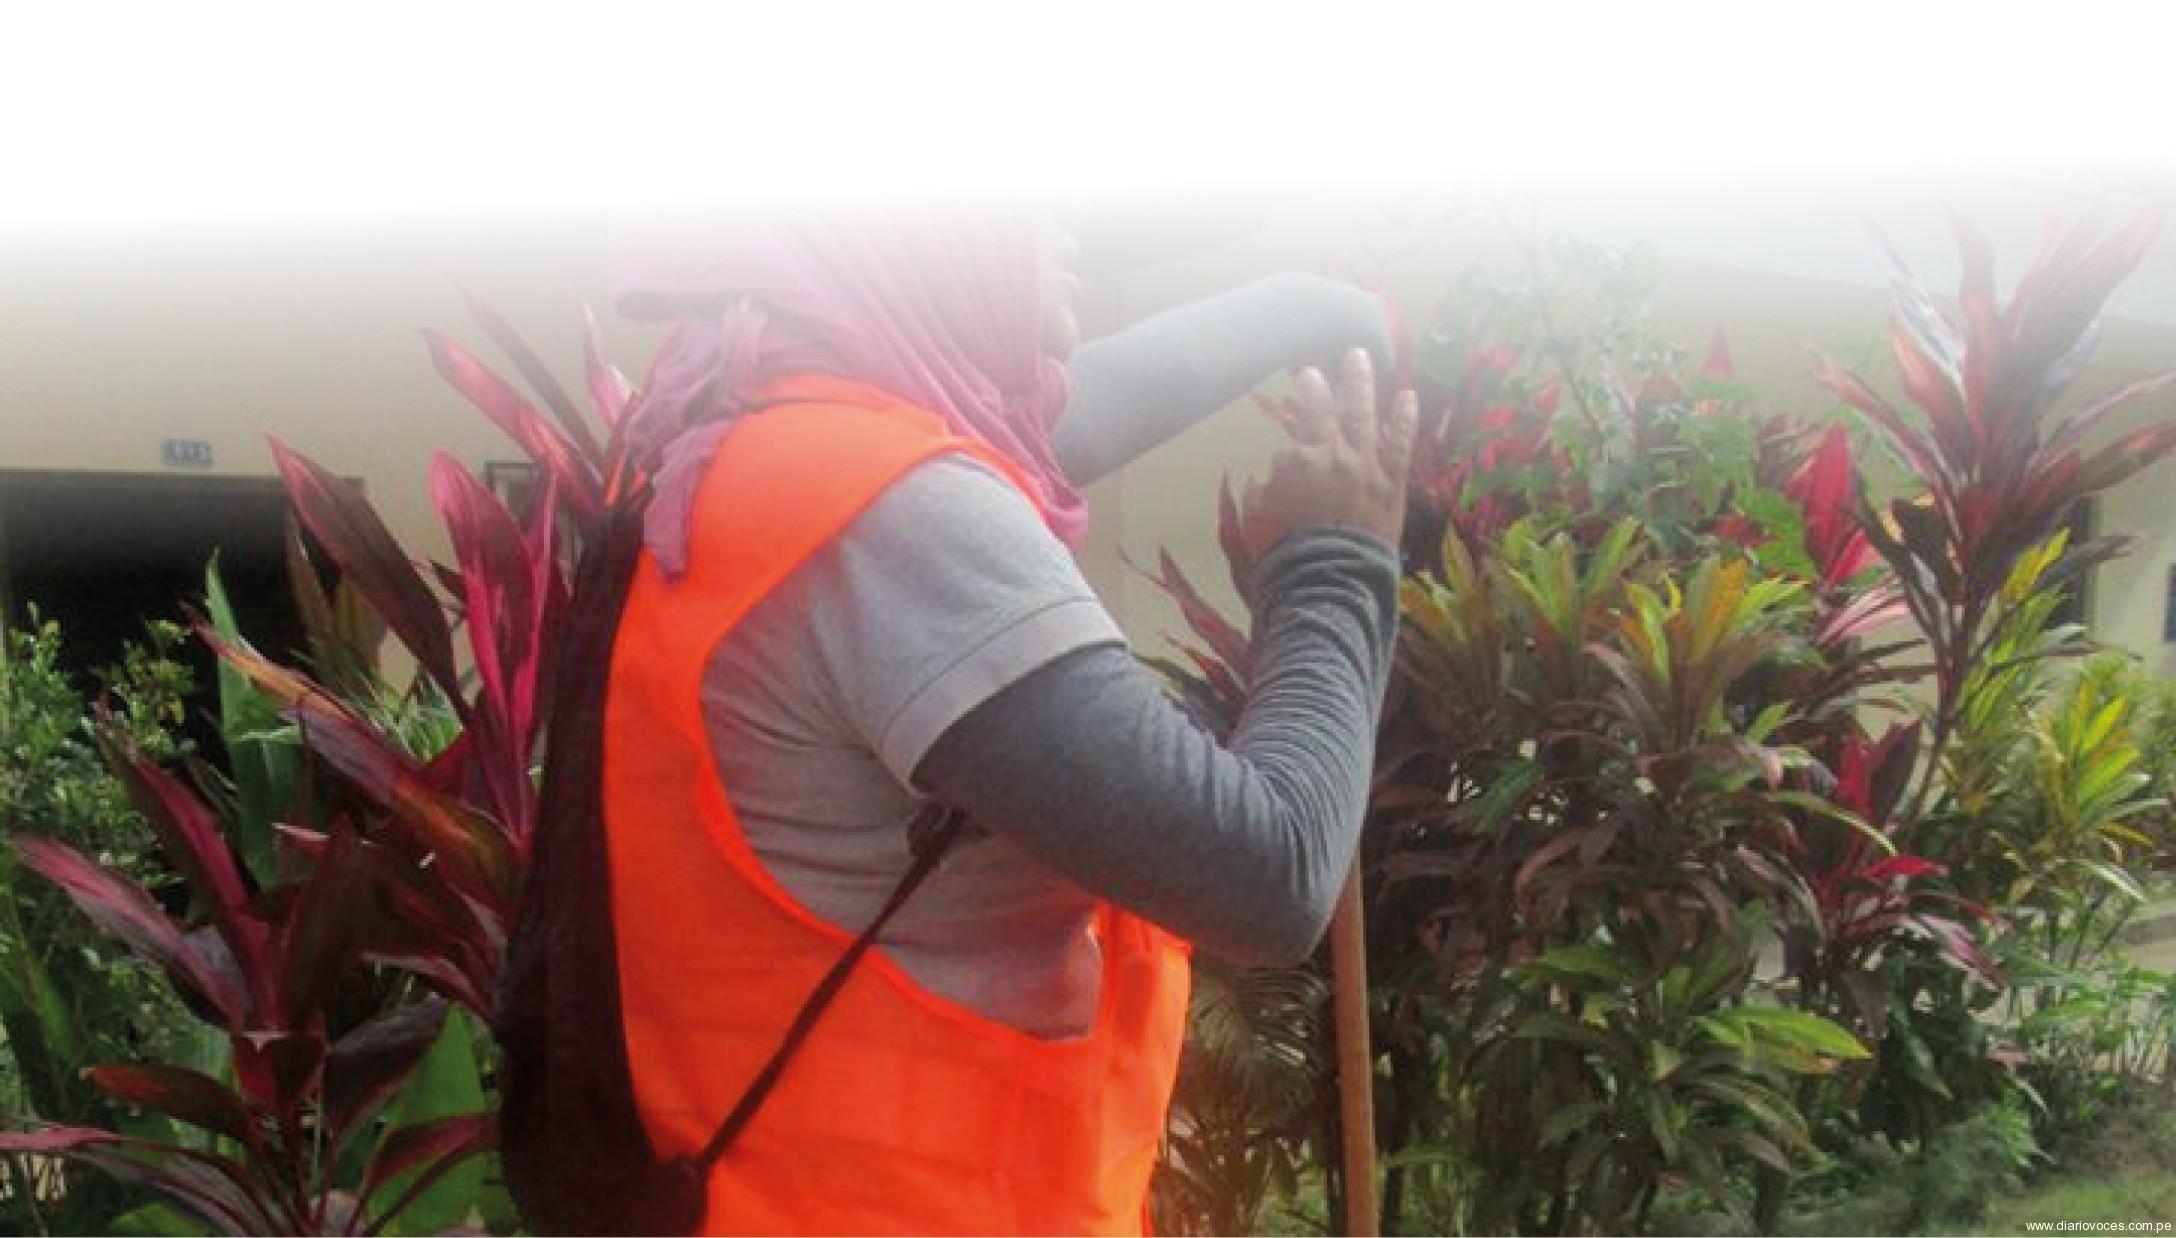 Visten de naranja a los trabajadores de limpieza